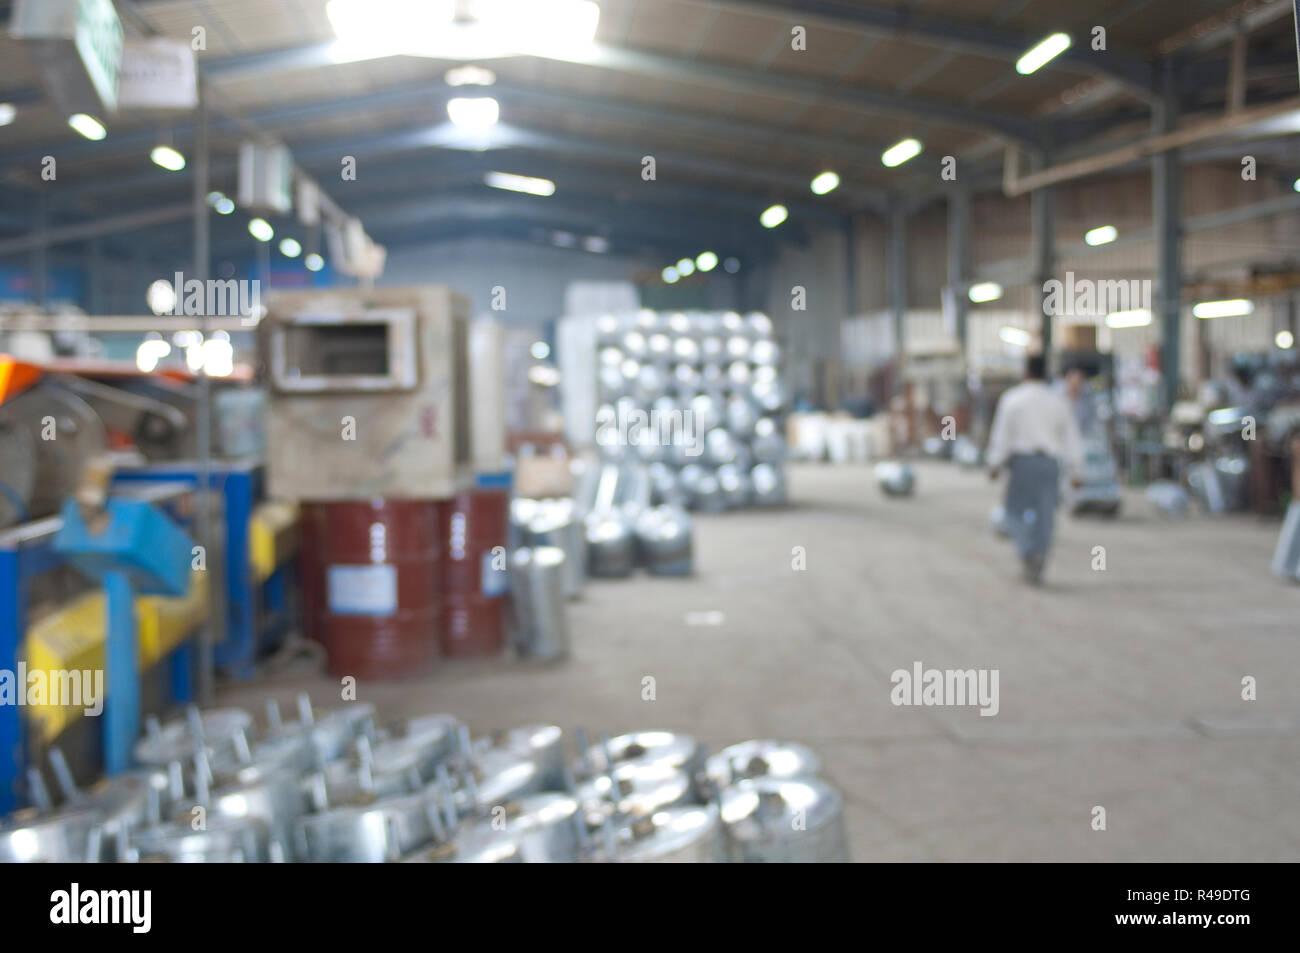 Abstracto industrial borrosa la imagen de fondo de una fábrica de acero calentadores de agua interior Imagen De Stock